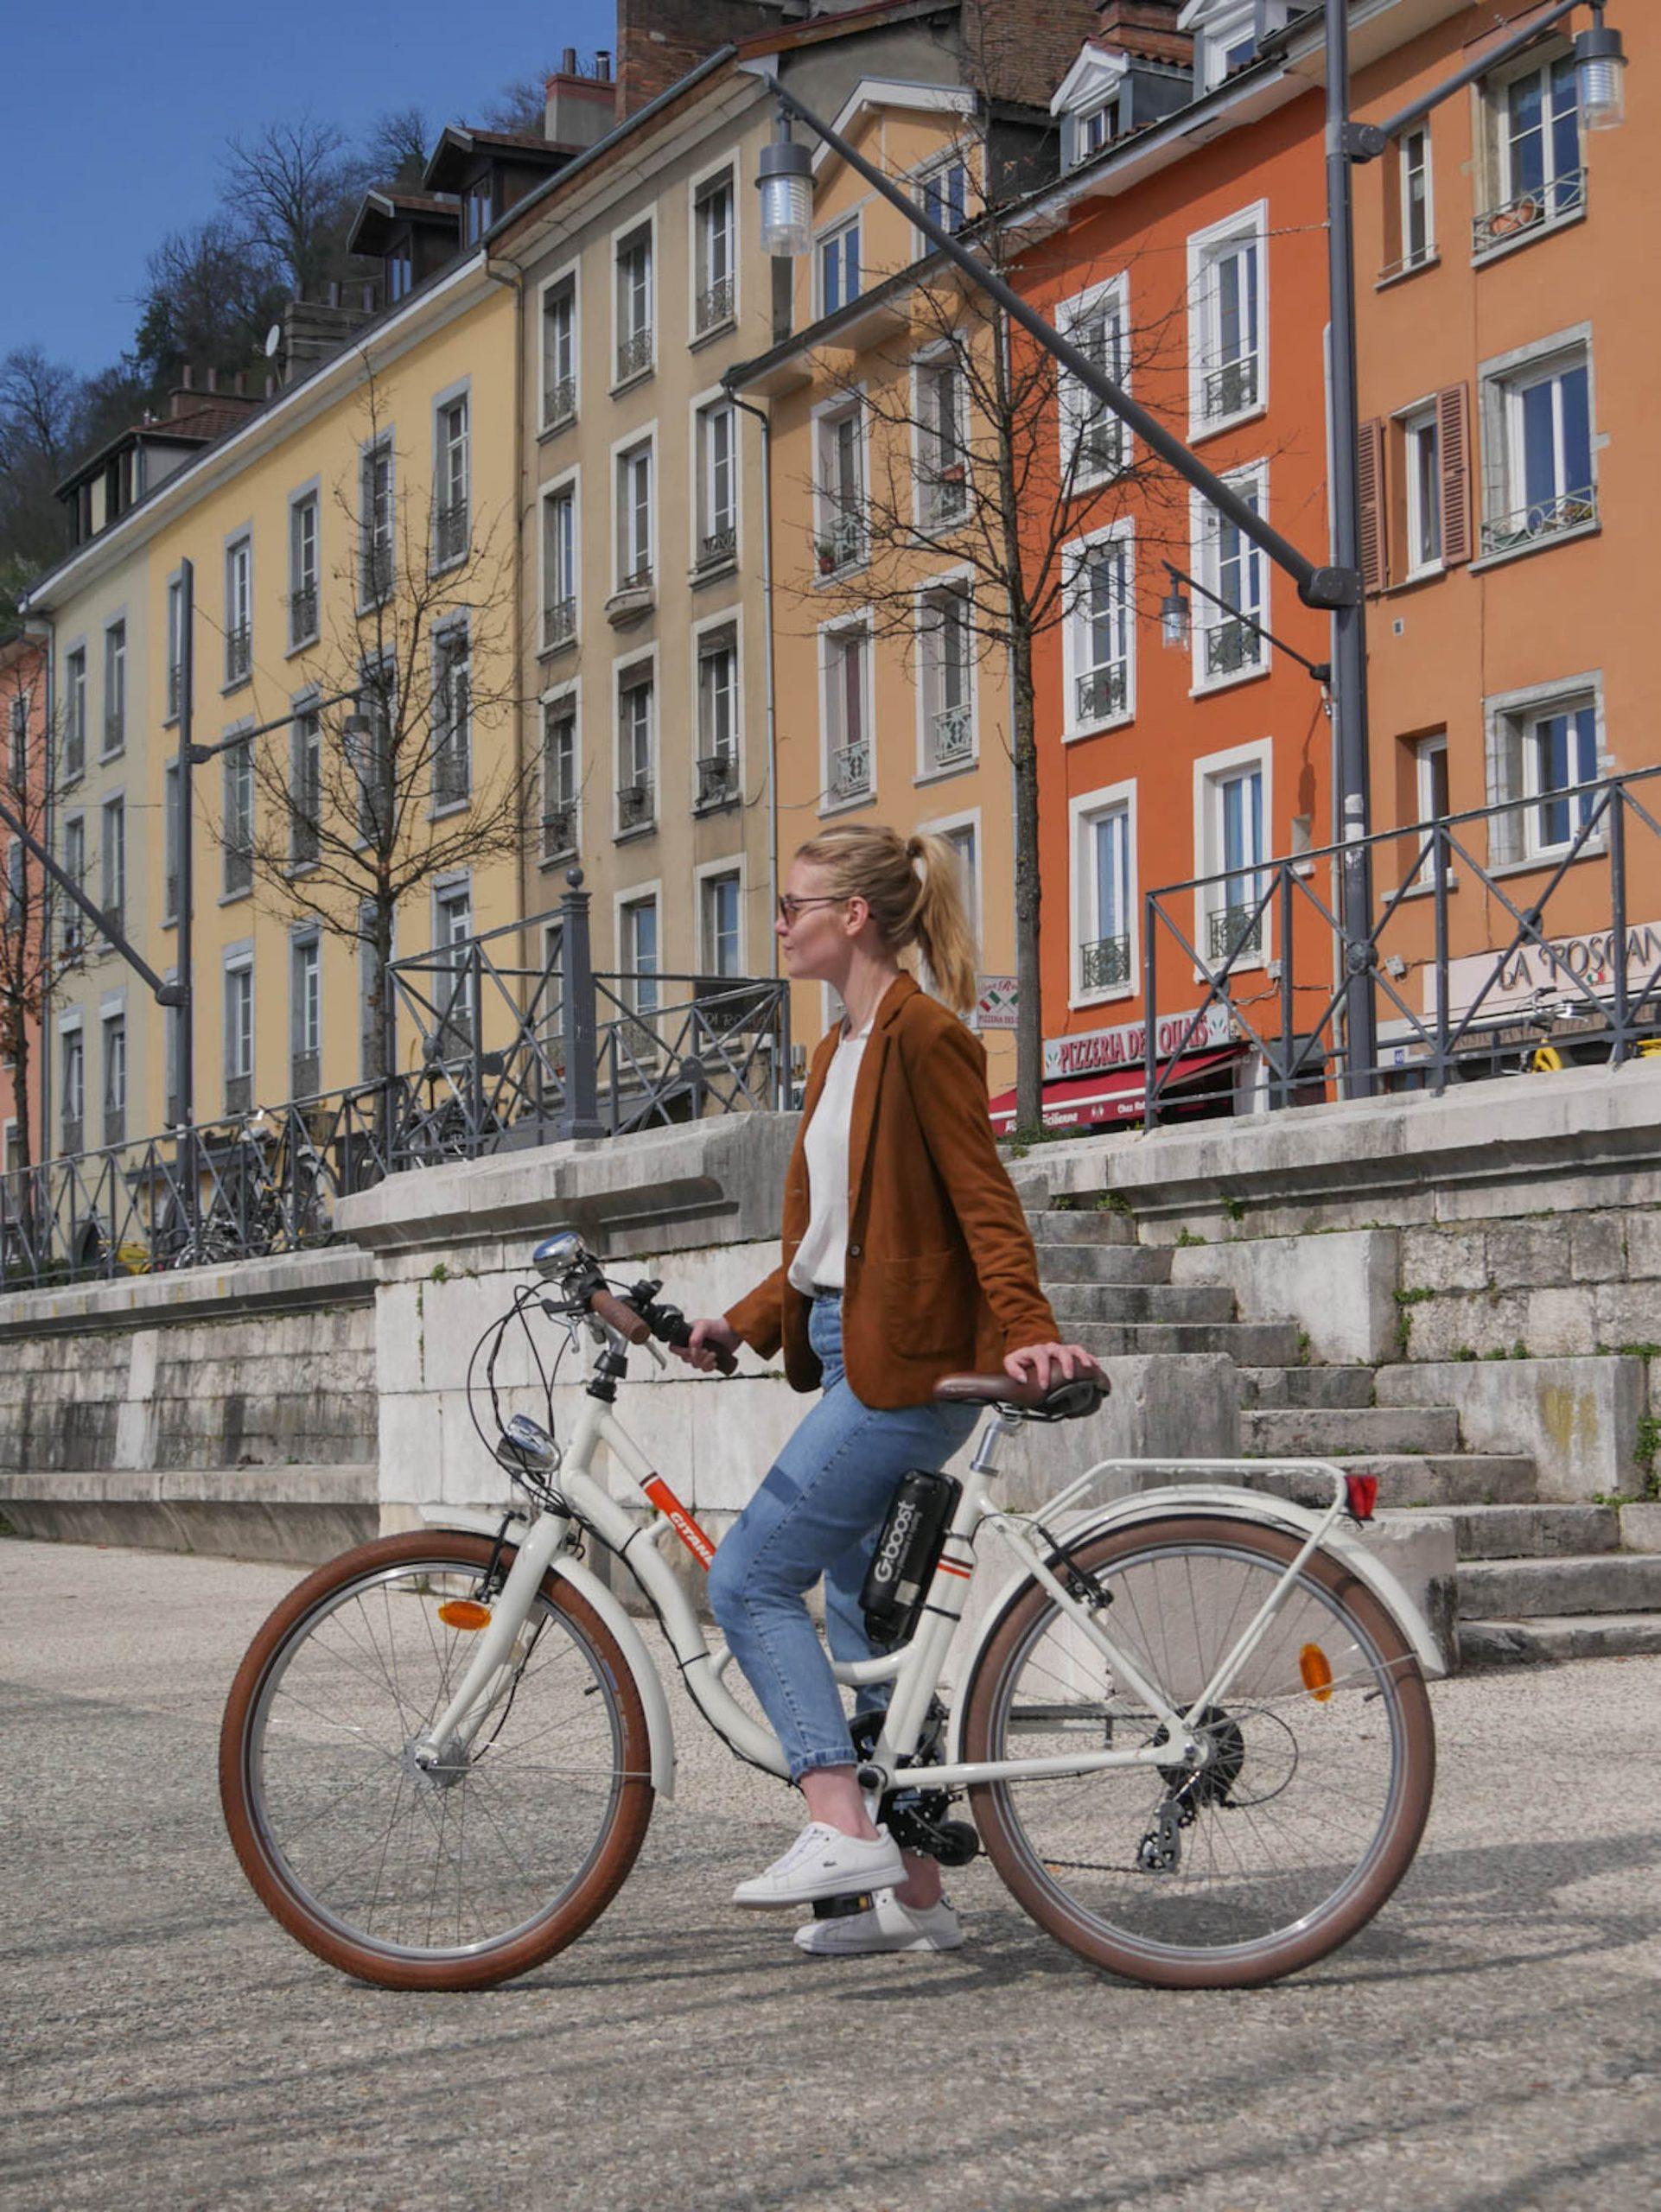 Gboost, le kit pour transformer son vieux vélo en vélo électrique!